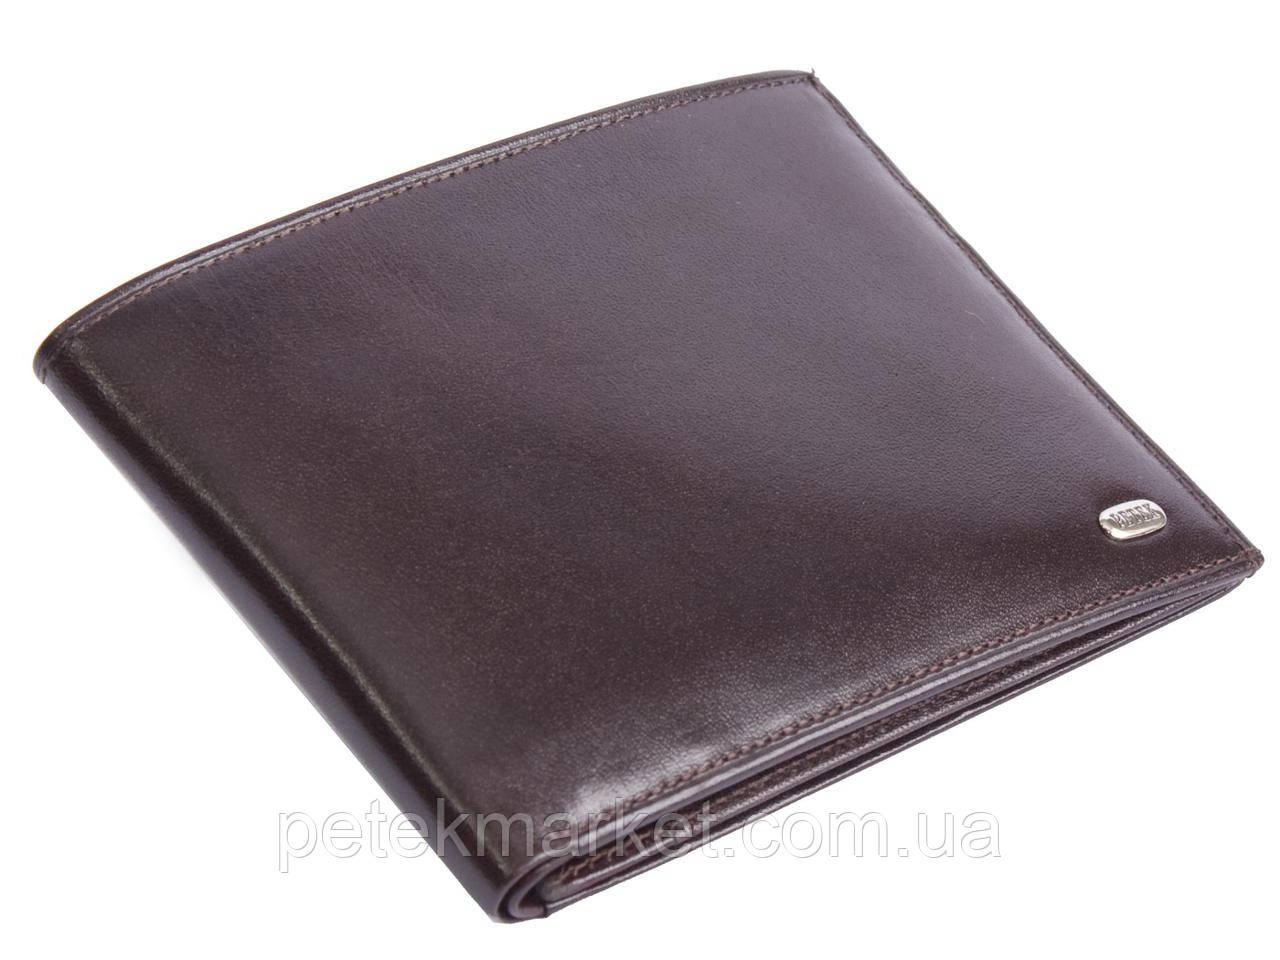 Кожаное мужское портмоне Petek 220-6000-02